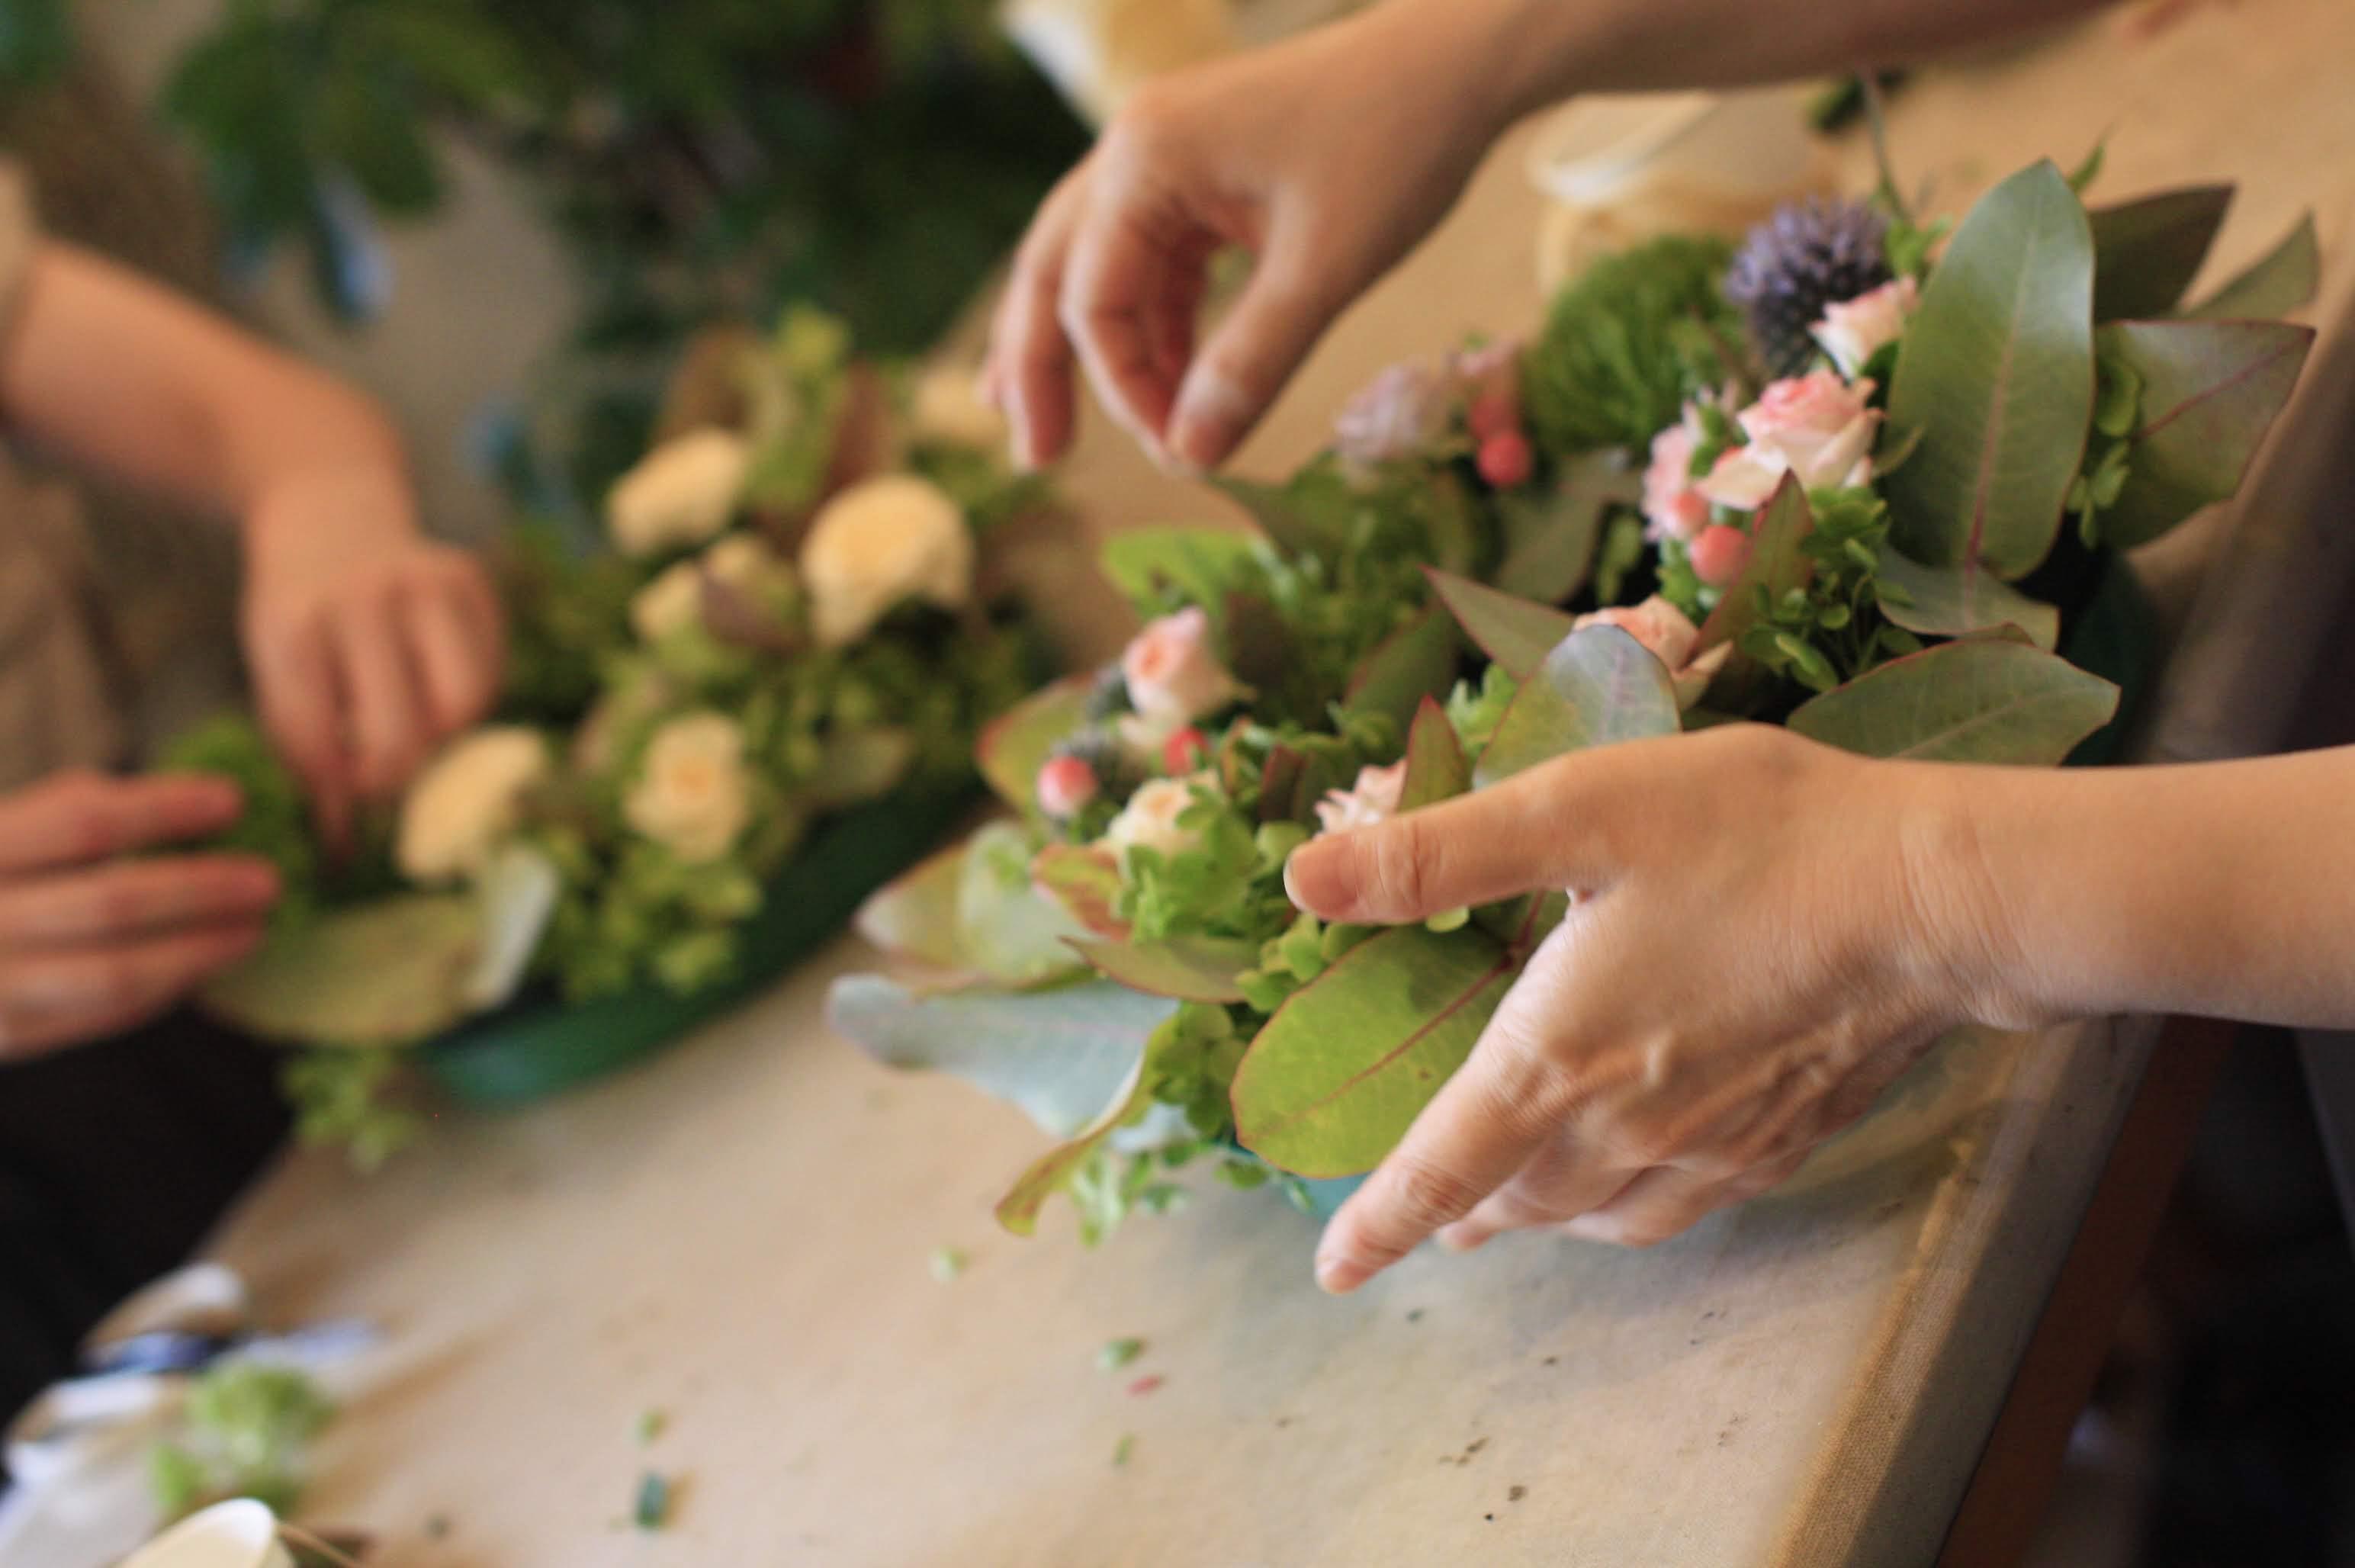 フリーレッスン リース 福岡市 花屋 ボヌールのフラワーアレンジ教室;